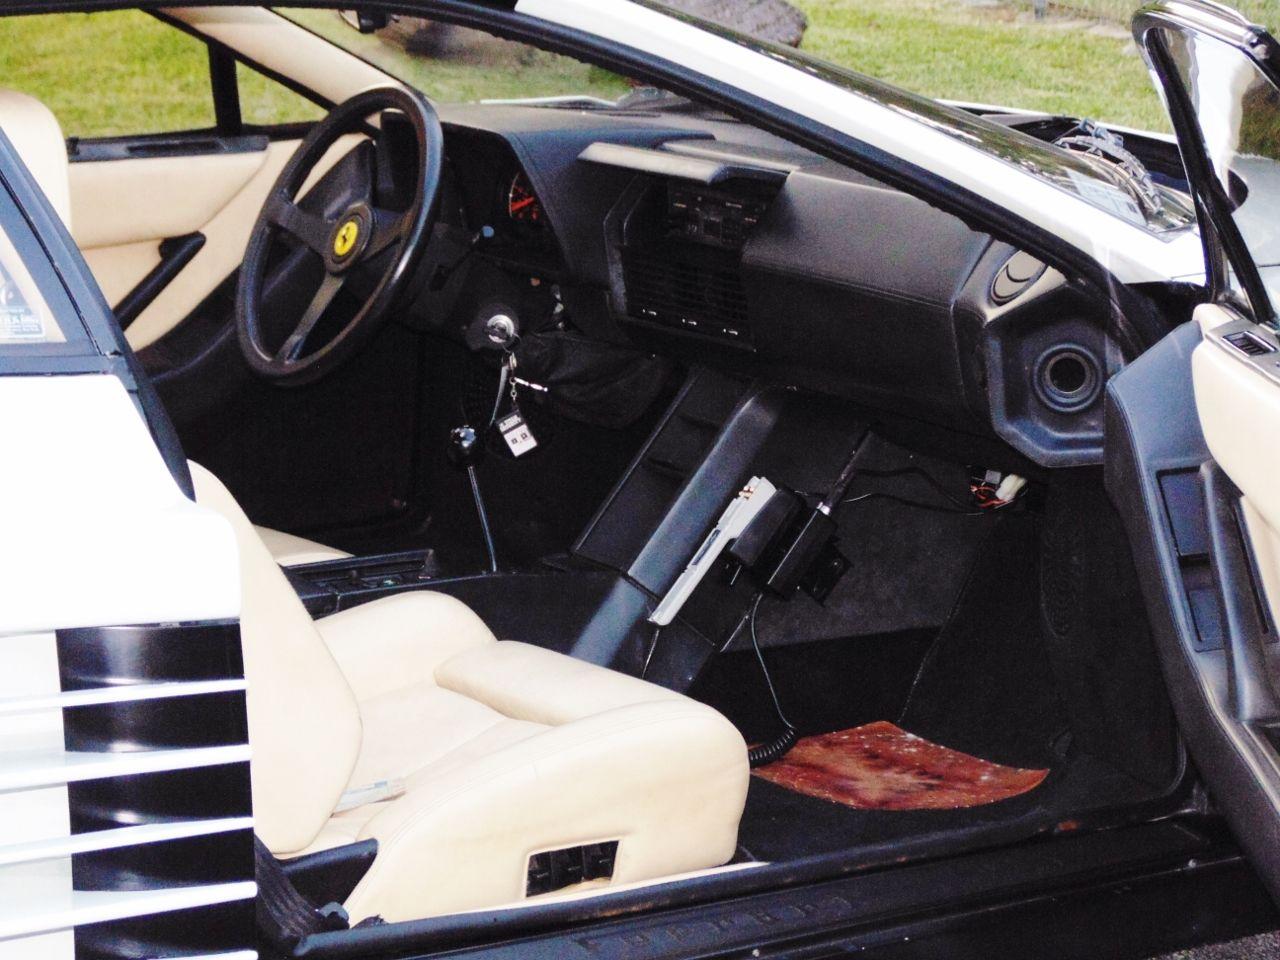 EBay Find Original Miami Vice Ferrari Testarossa With A Price Tag